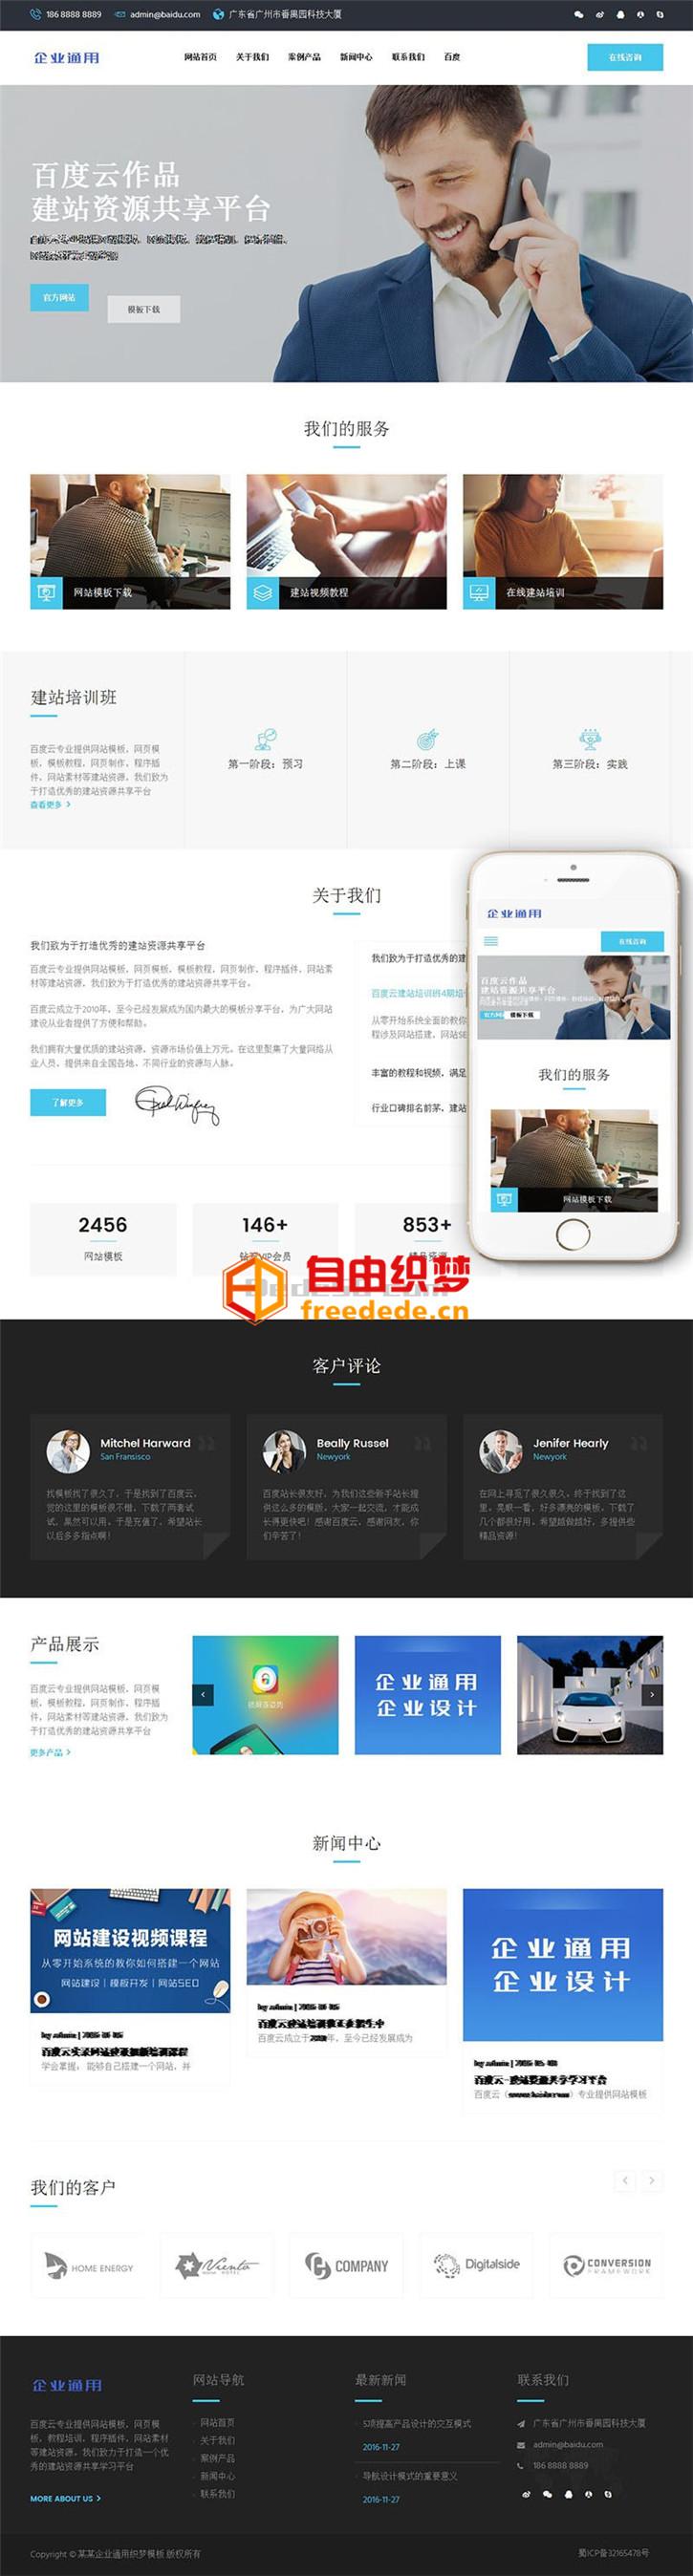 爱上源码网文章dedecms网站源码响应式蓝色高端商务公司企业整站源码(自适应手机端)的内容插图